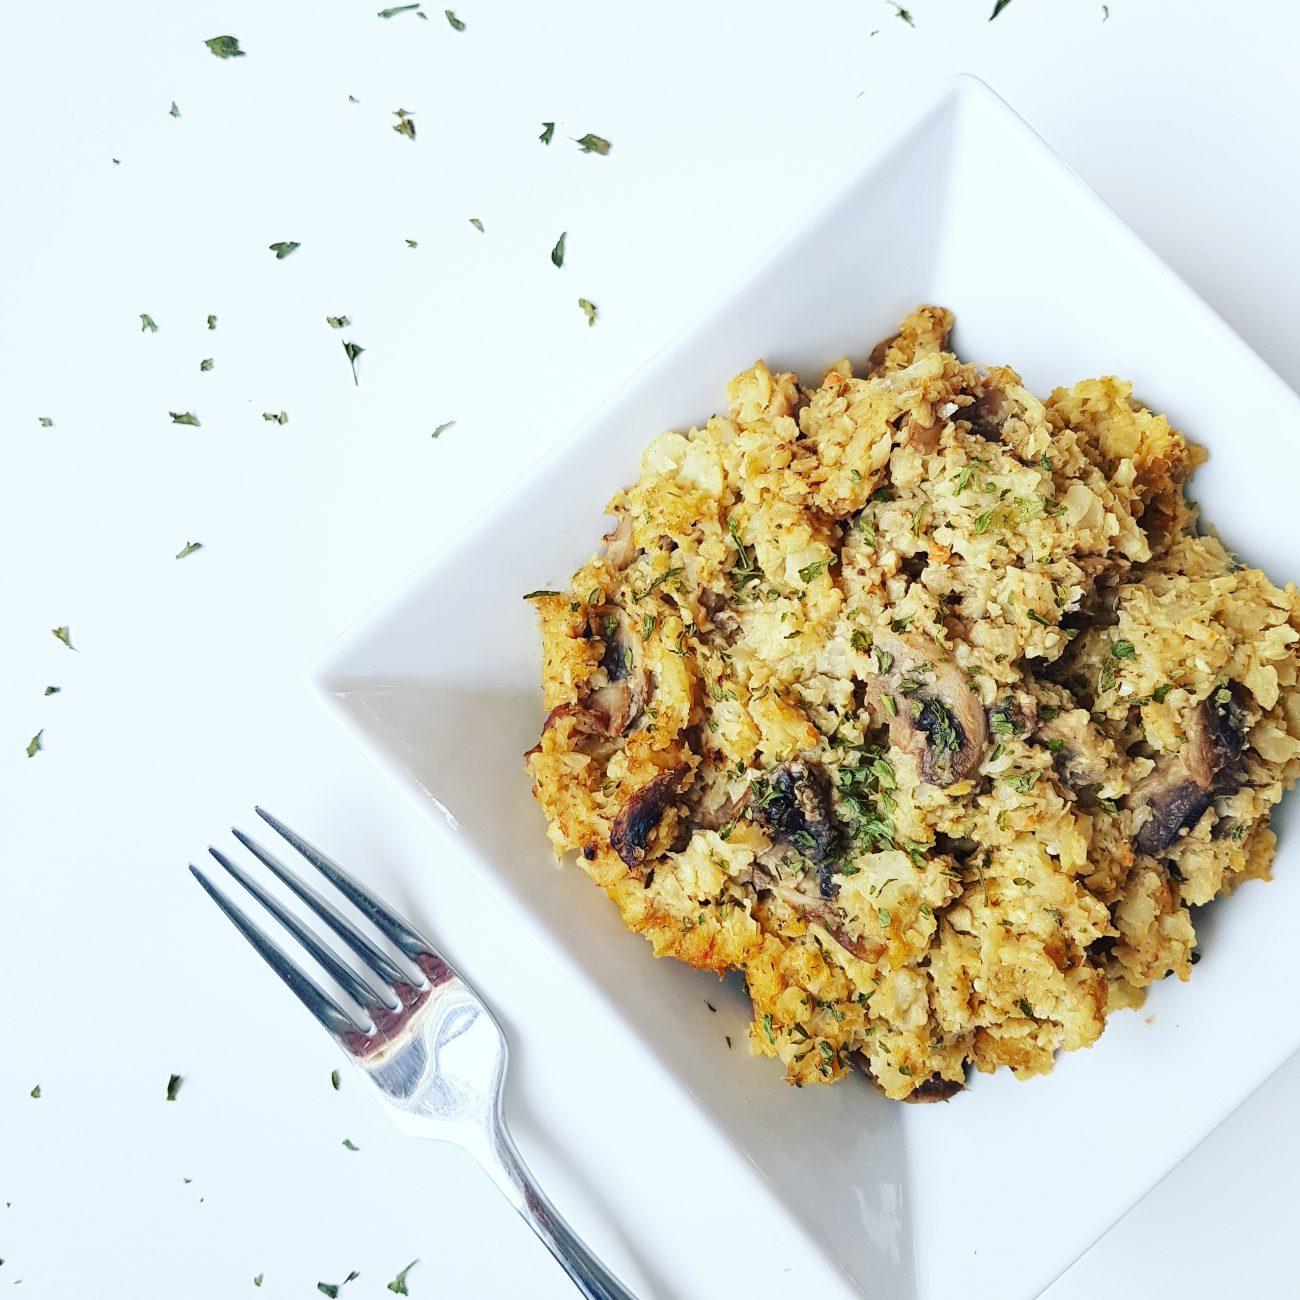 Risotto végétalien, léger et protéiné au riz de chou-fleur, champignons et végé-pâté